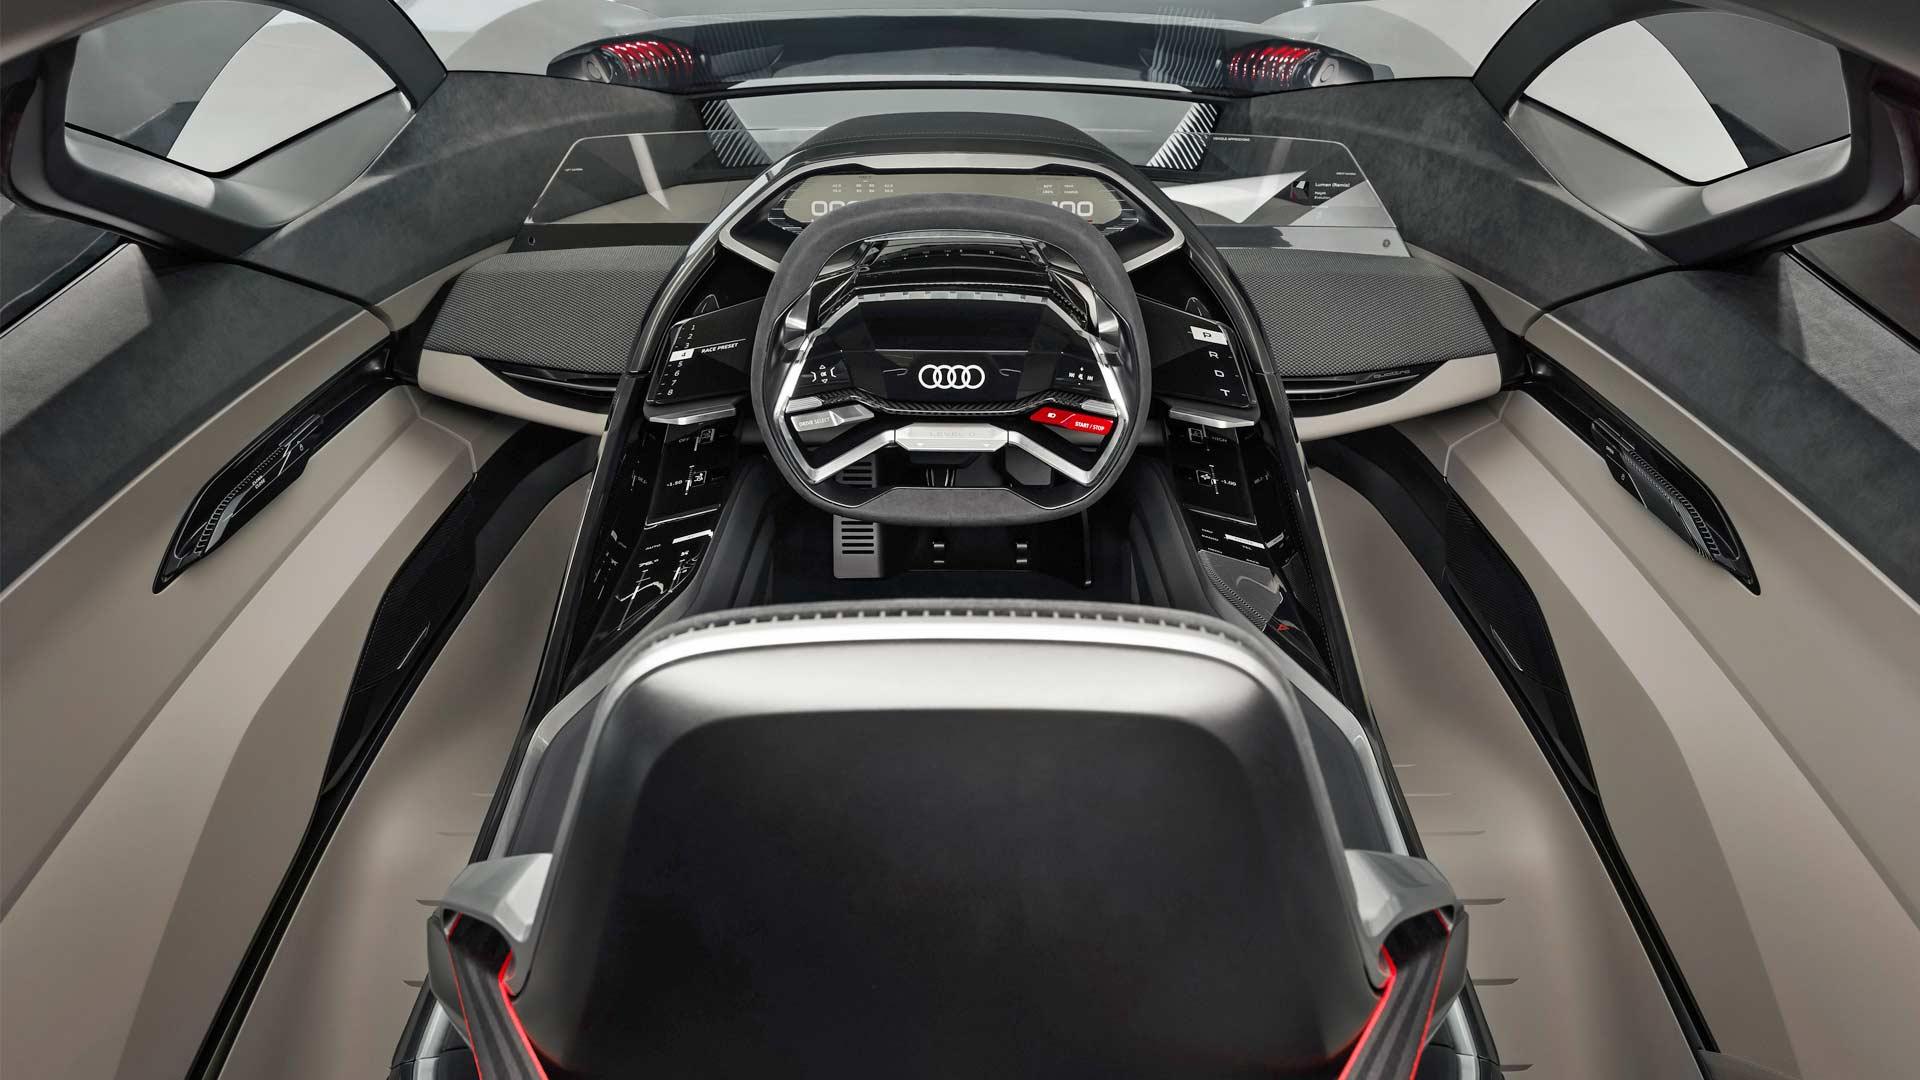 Audi-PB18-e-tron-concept-interior_4